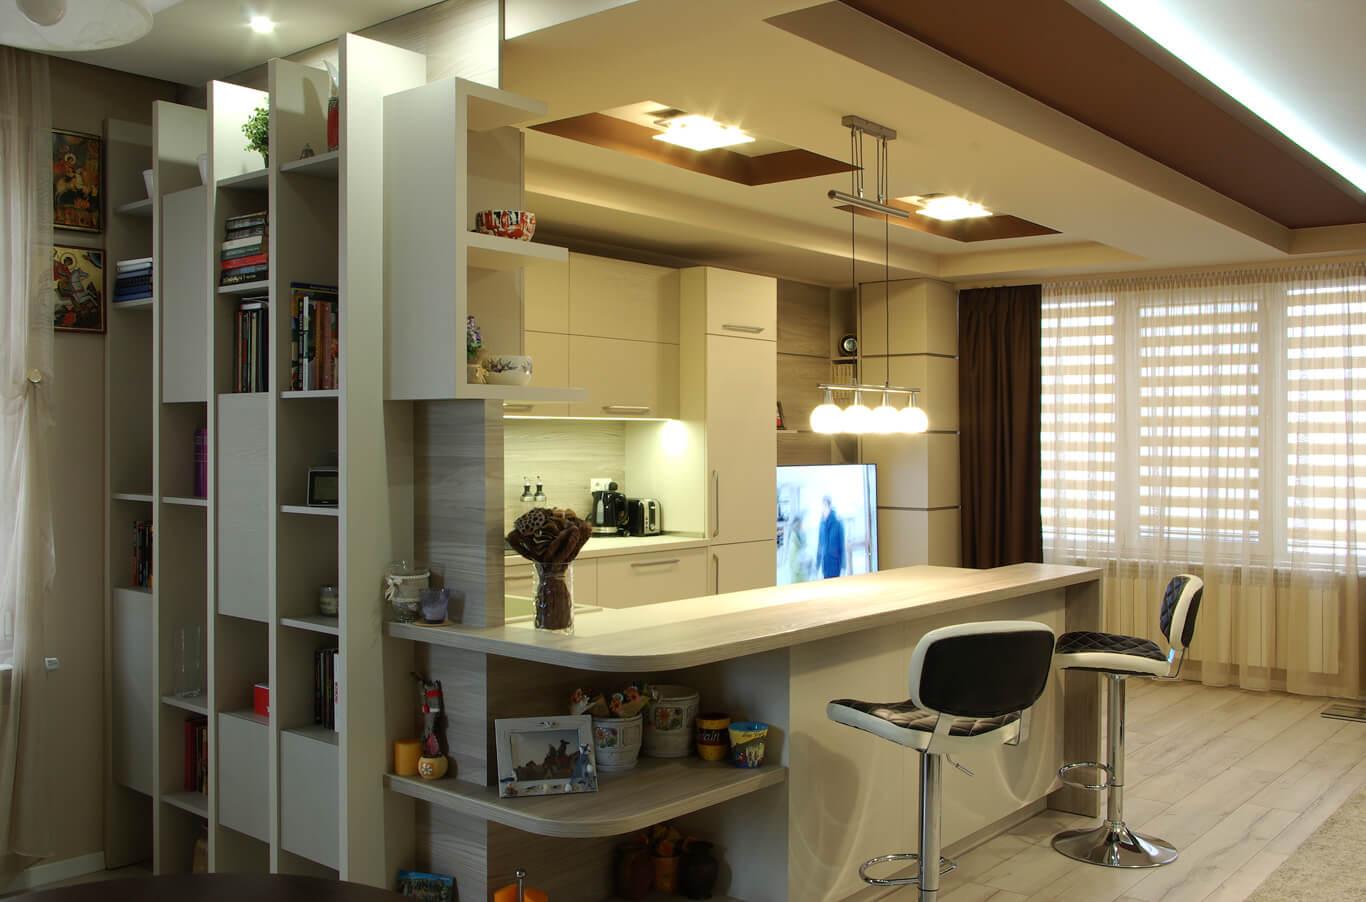 дизайнерски идей за кухня